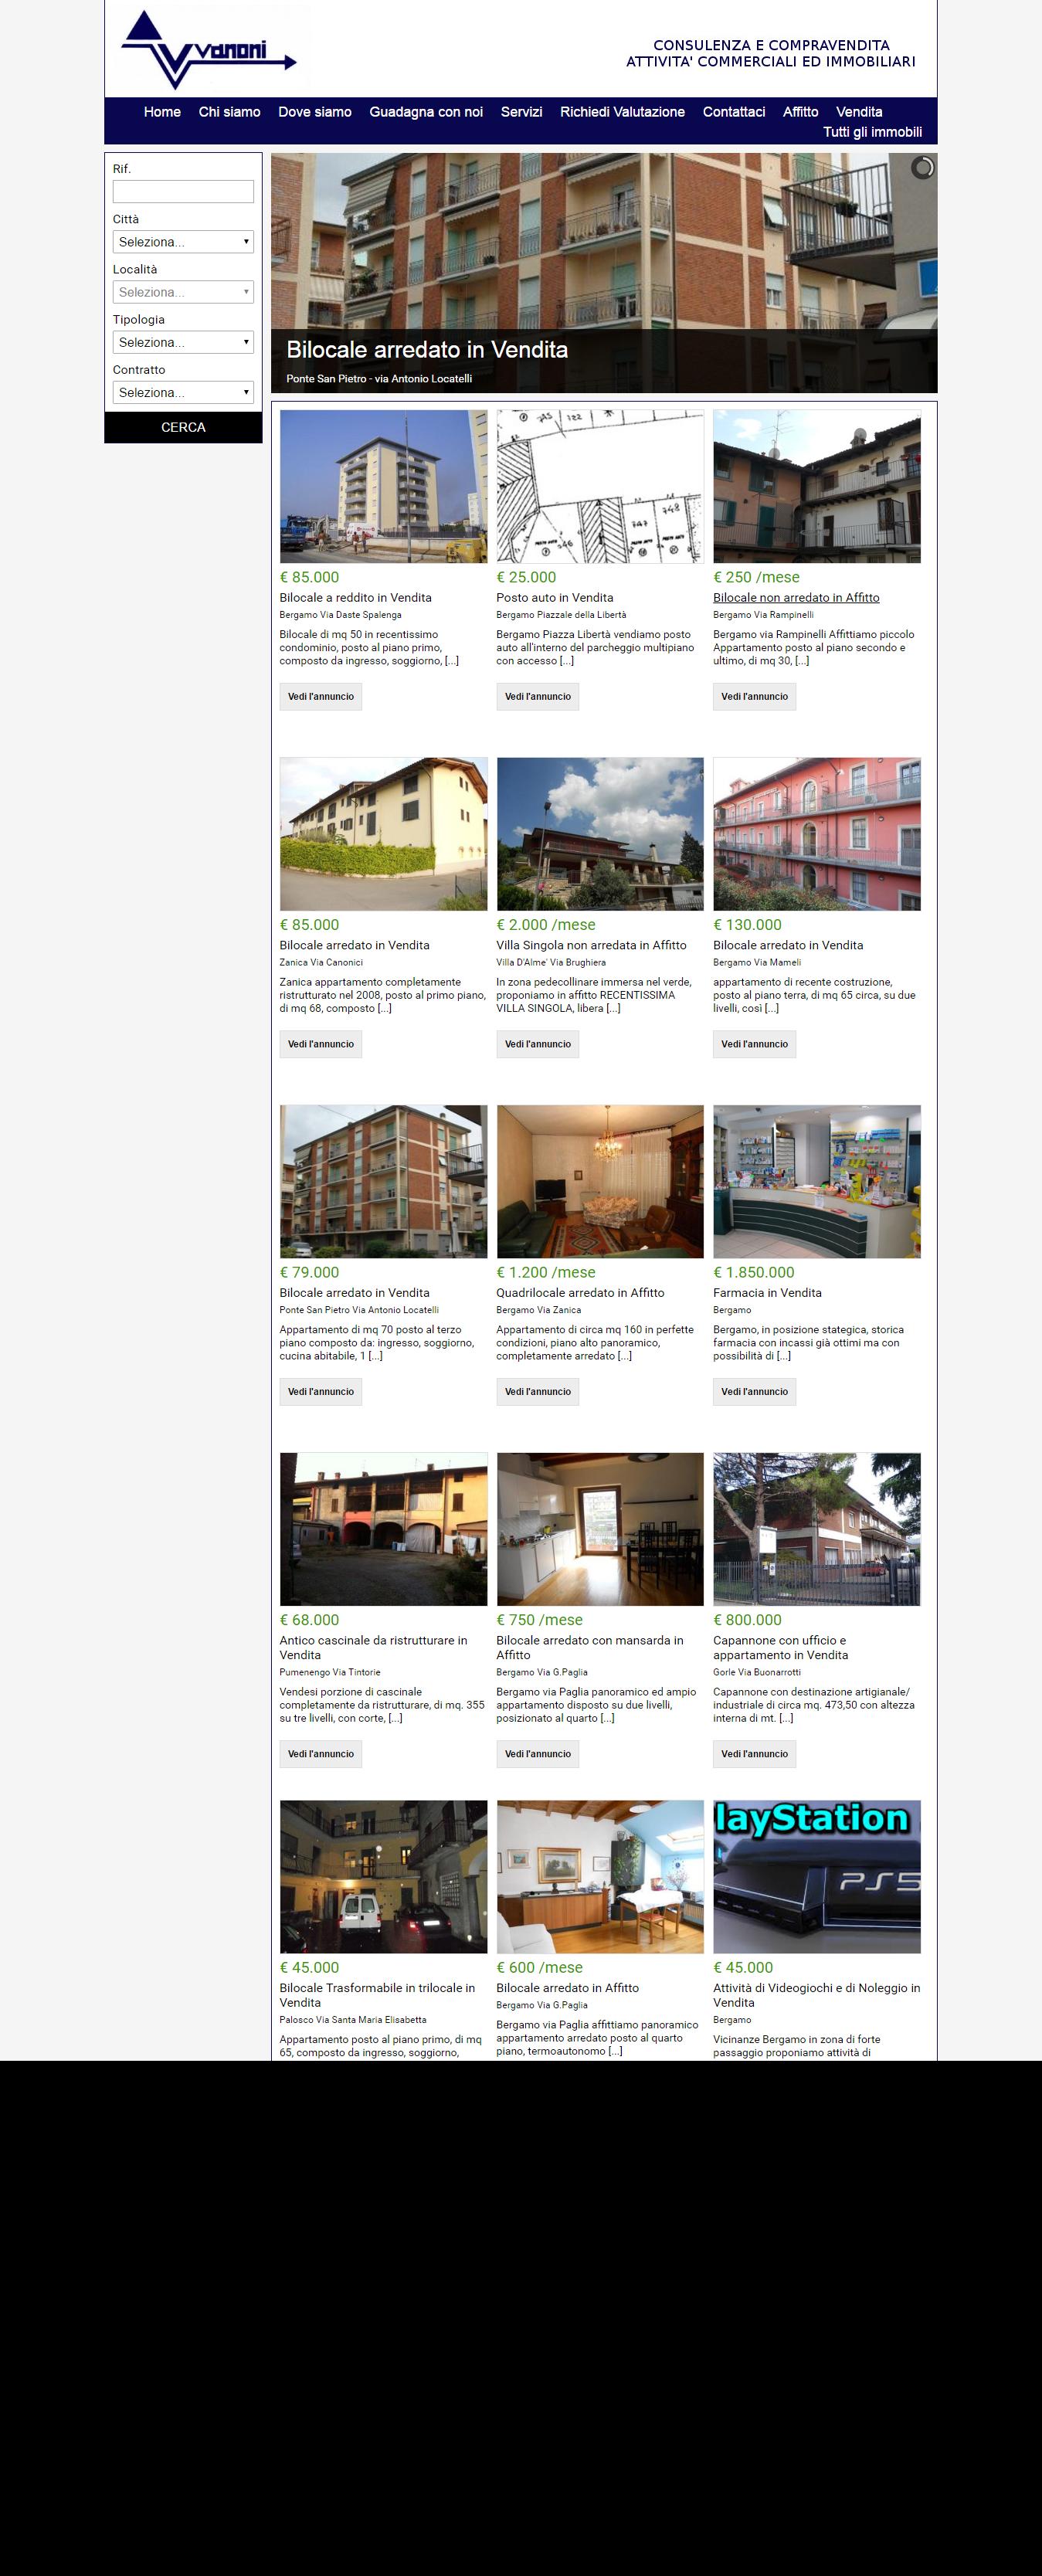 Immobiliare vanoni.it Agenzia Immobiliare